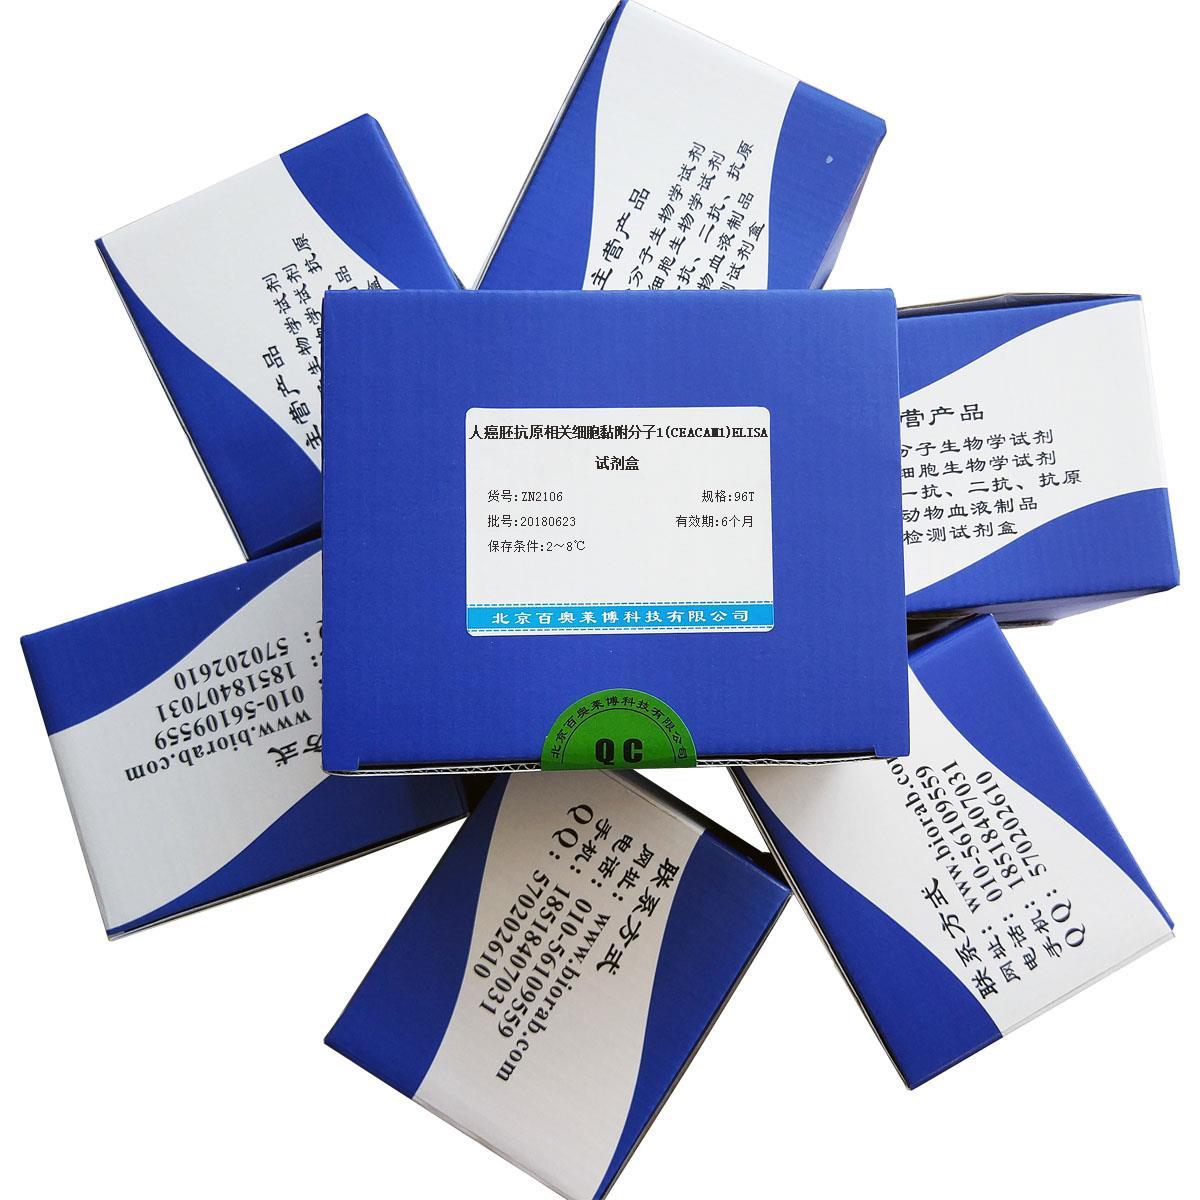 人癌胚抗原相关细胞黏附分子1(CEACAM1)ELISA试剂盒 人ELISA试剂盒